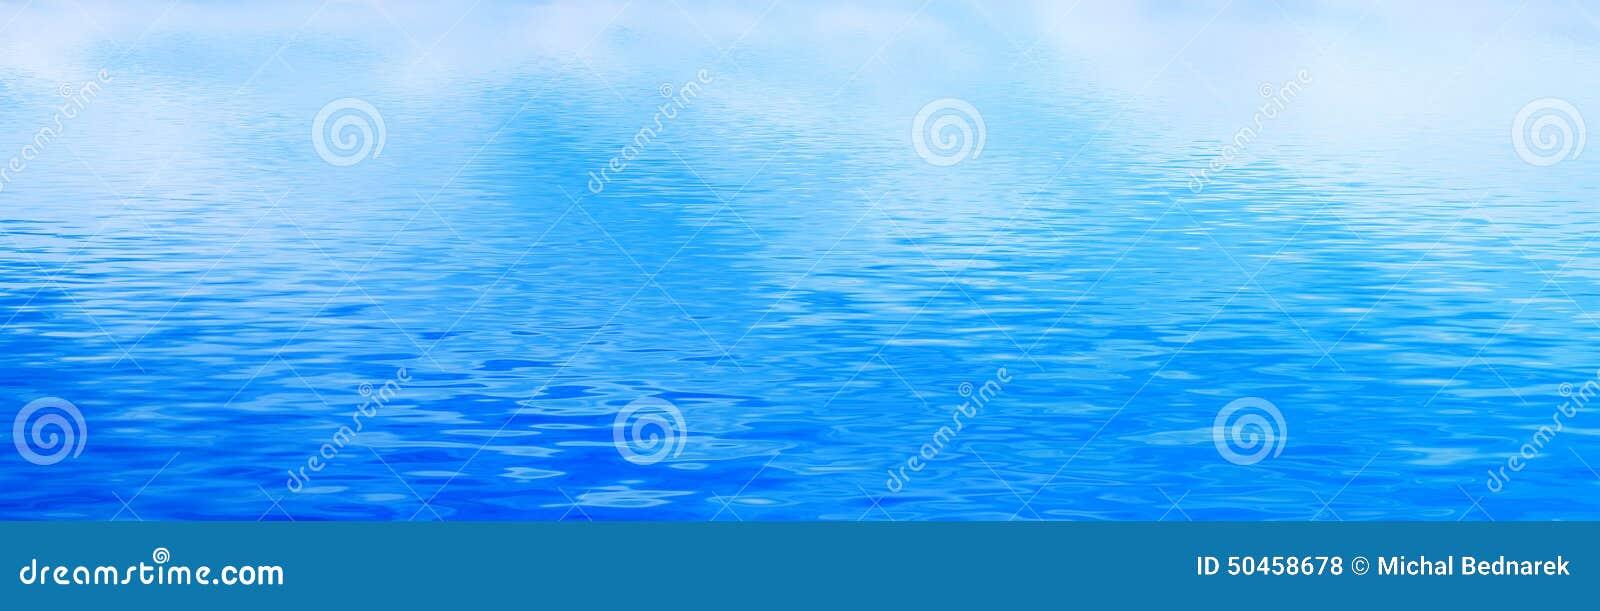 Schone waterachtergrond, kalme golven Banner, panorama